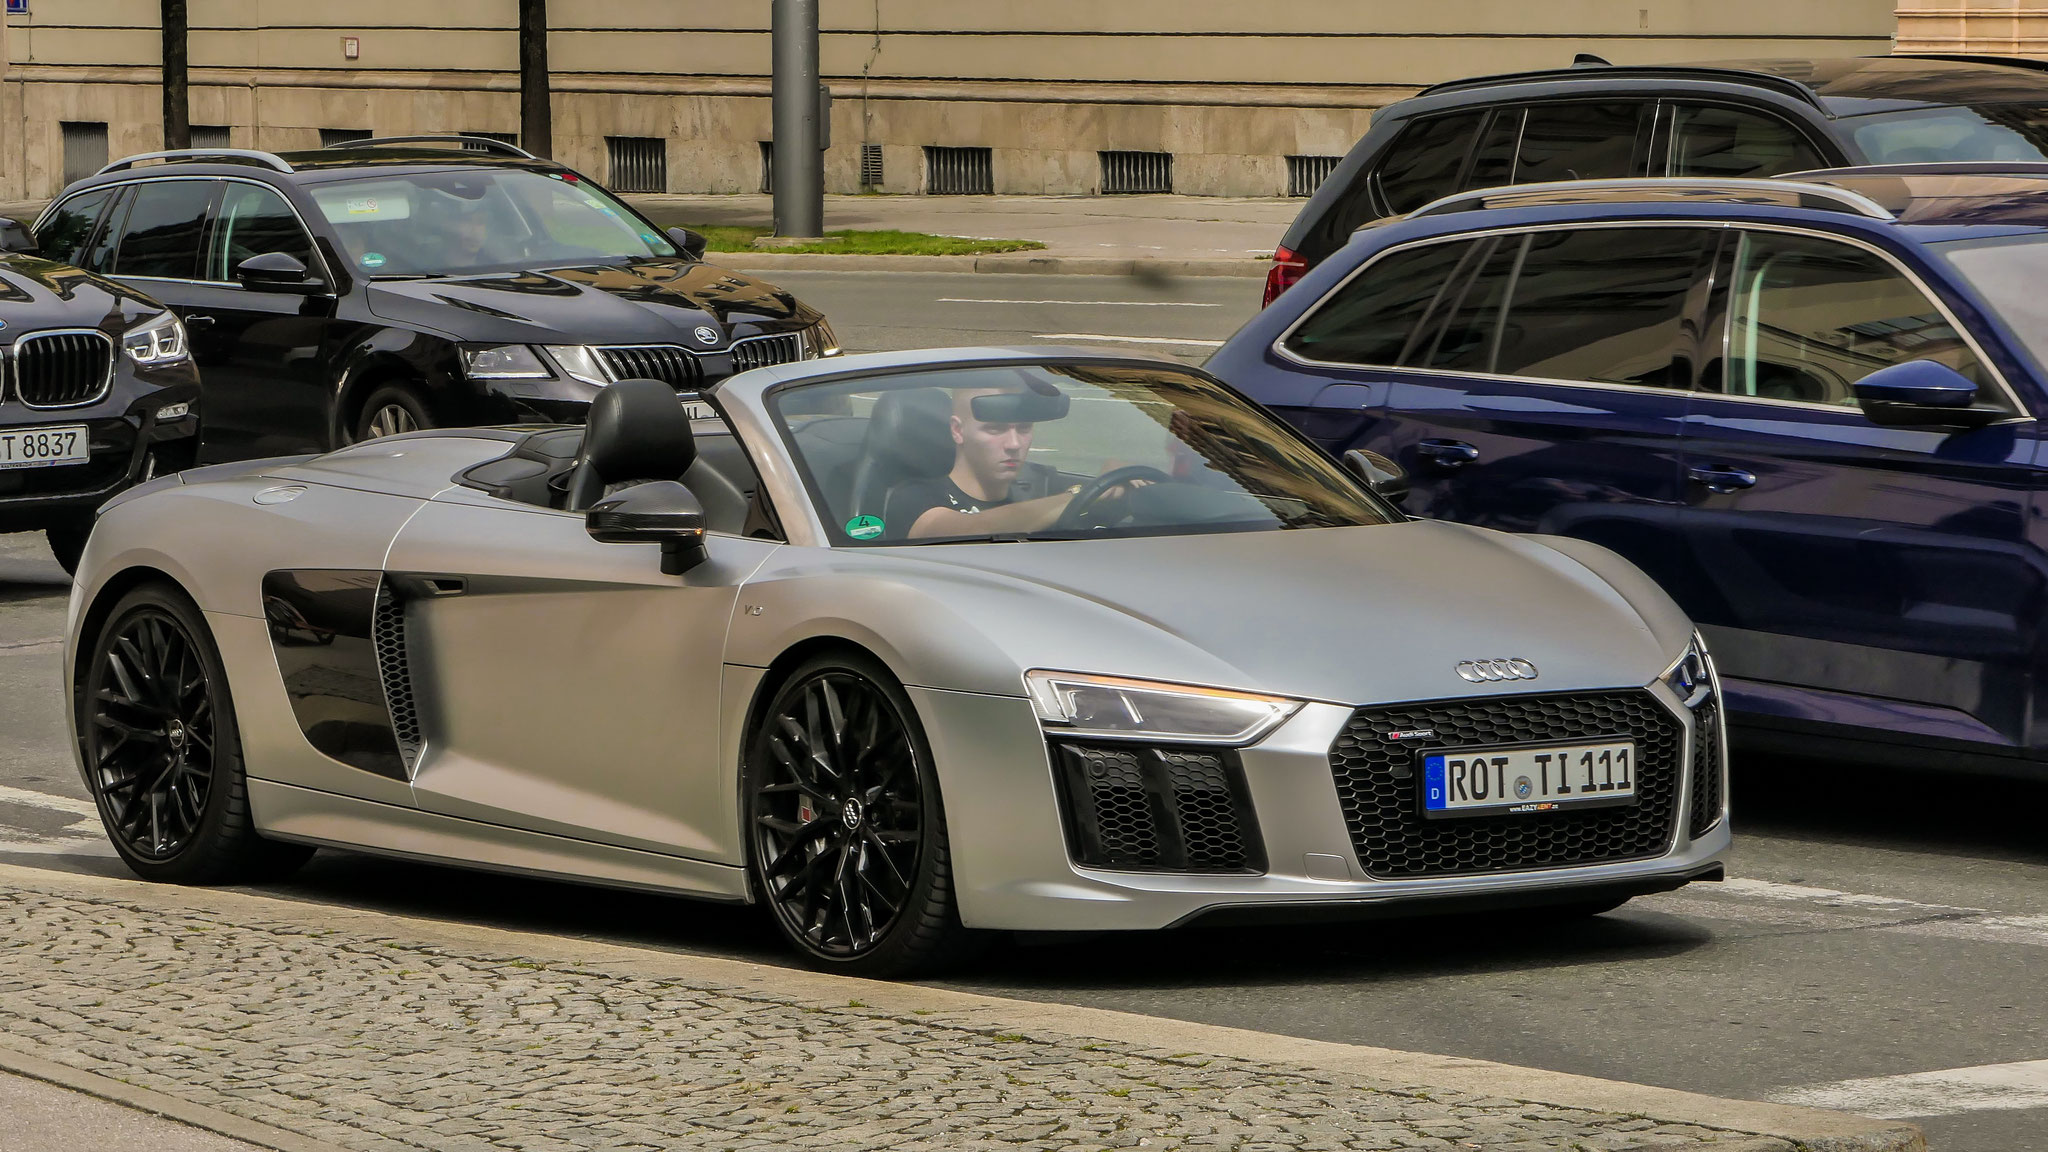 Audi R8 V10 Spyder - ROT-TI-111